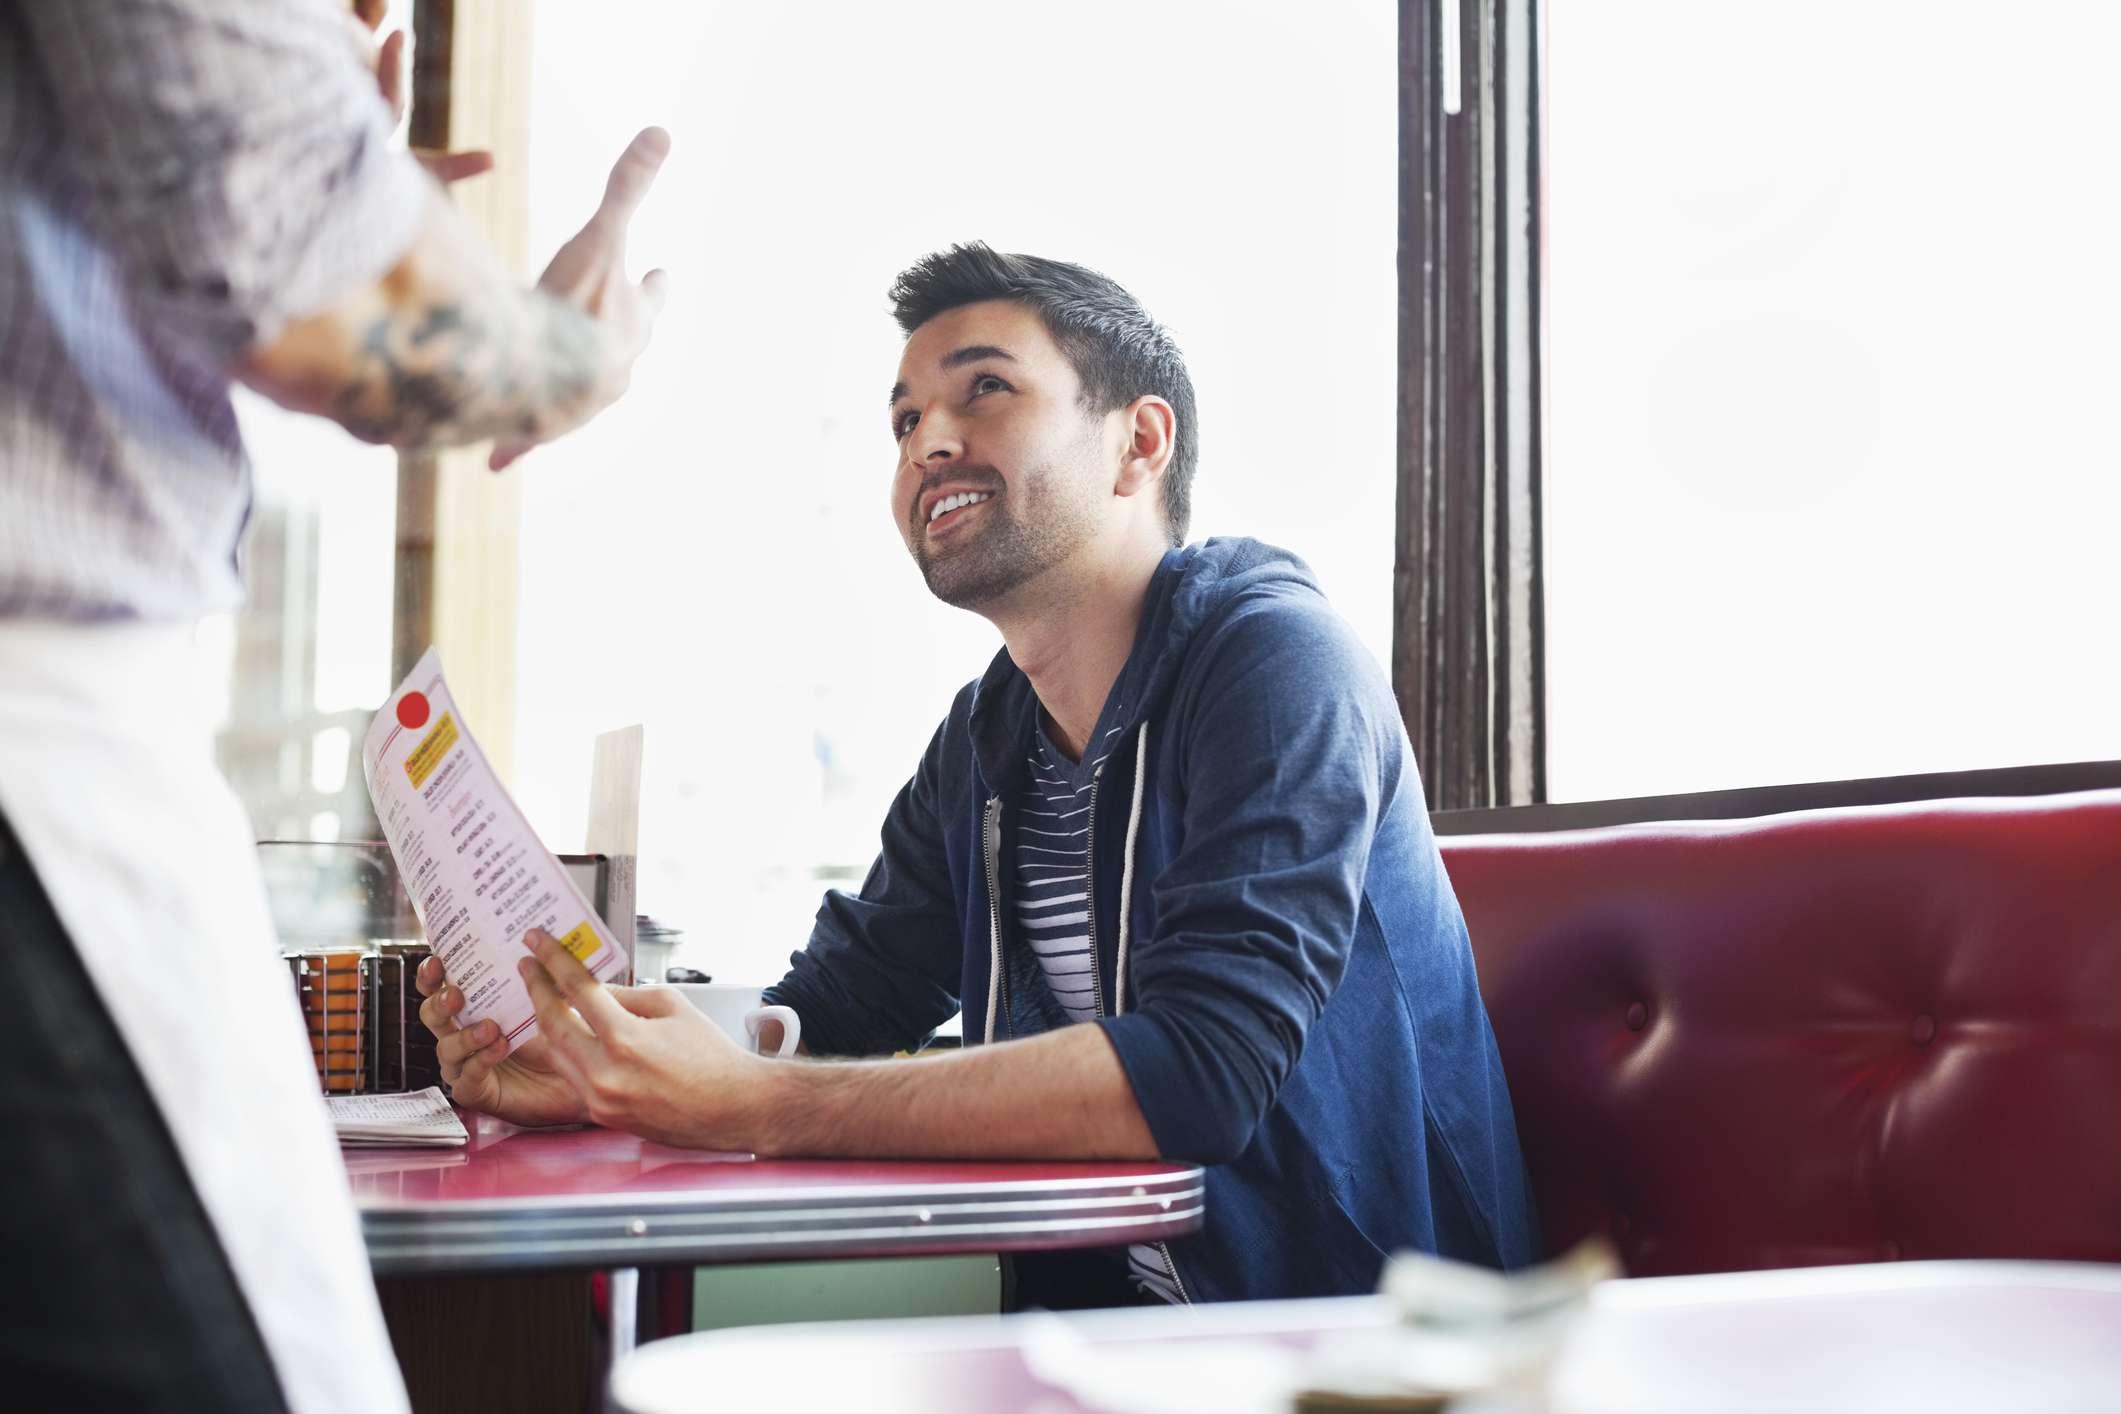 hombre ordenando en restaurante